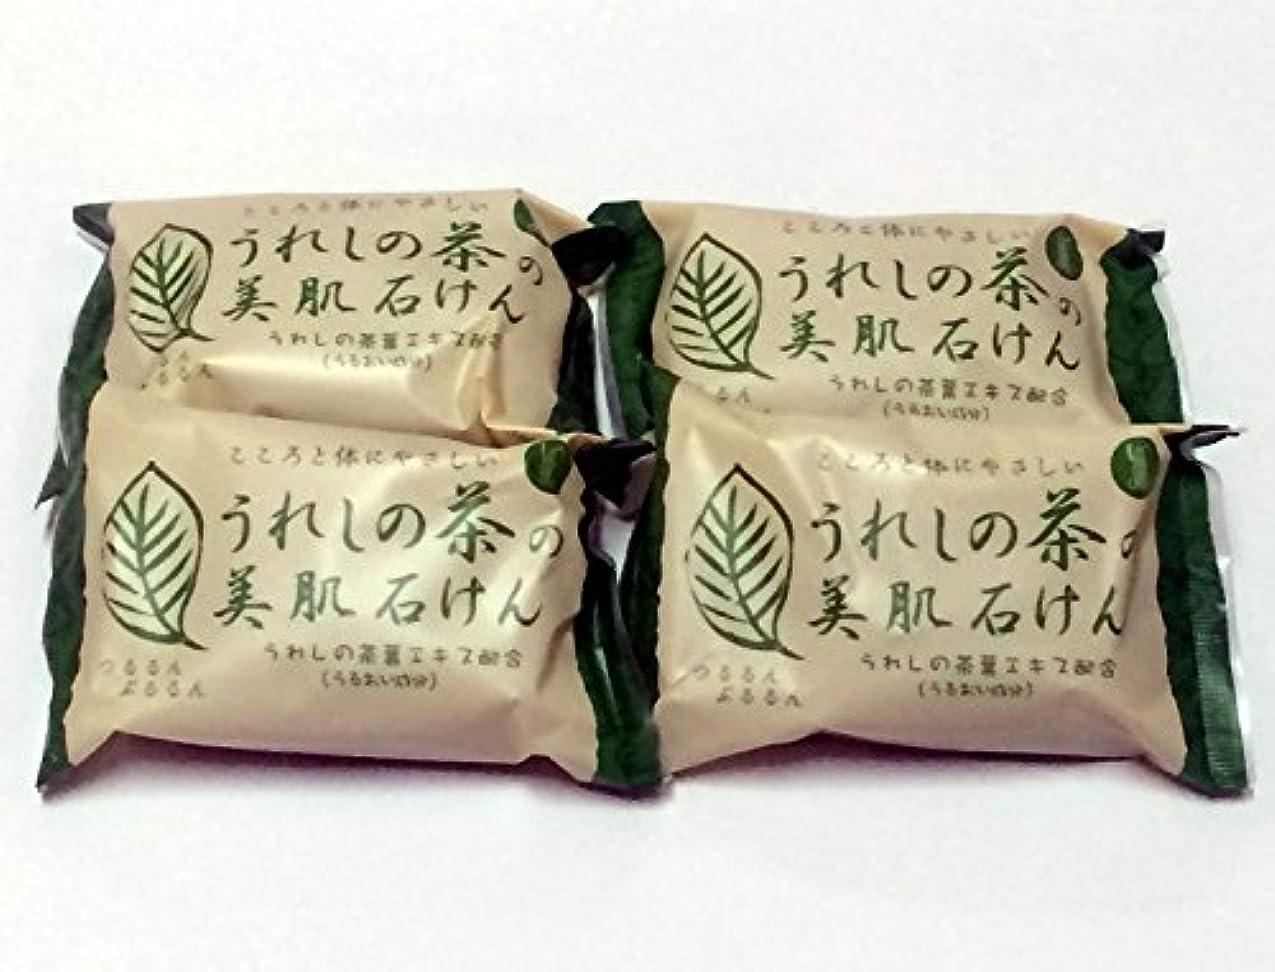 合理化わかりやすい明らか日本三大美肌の湯嬉野温泉 うれしの茶の美肌石けん4個セット